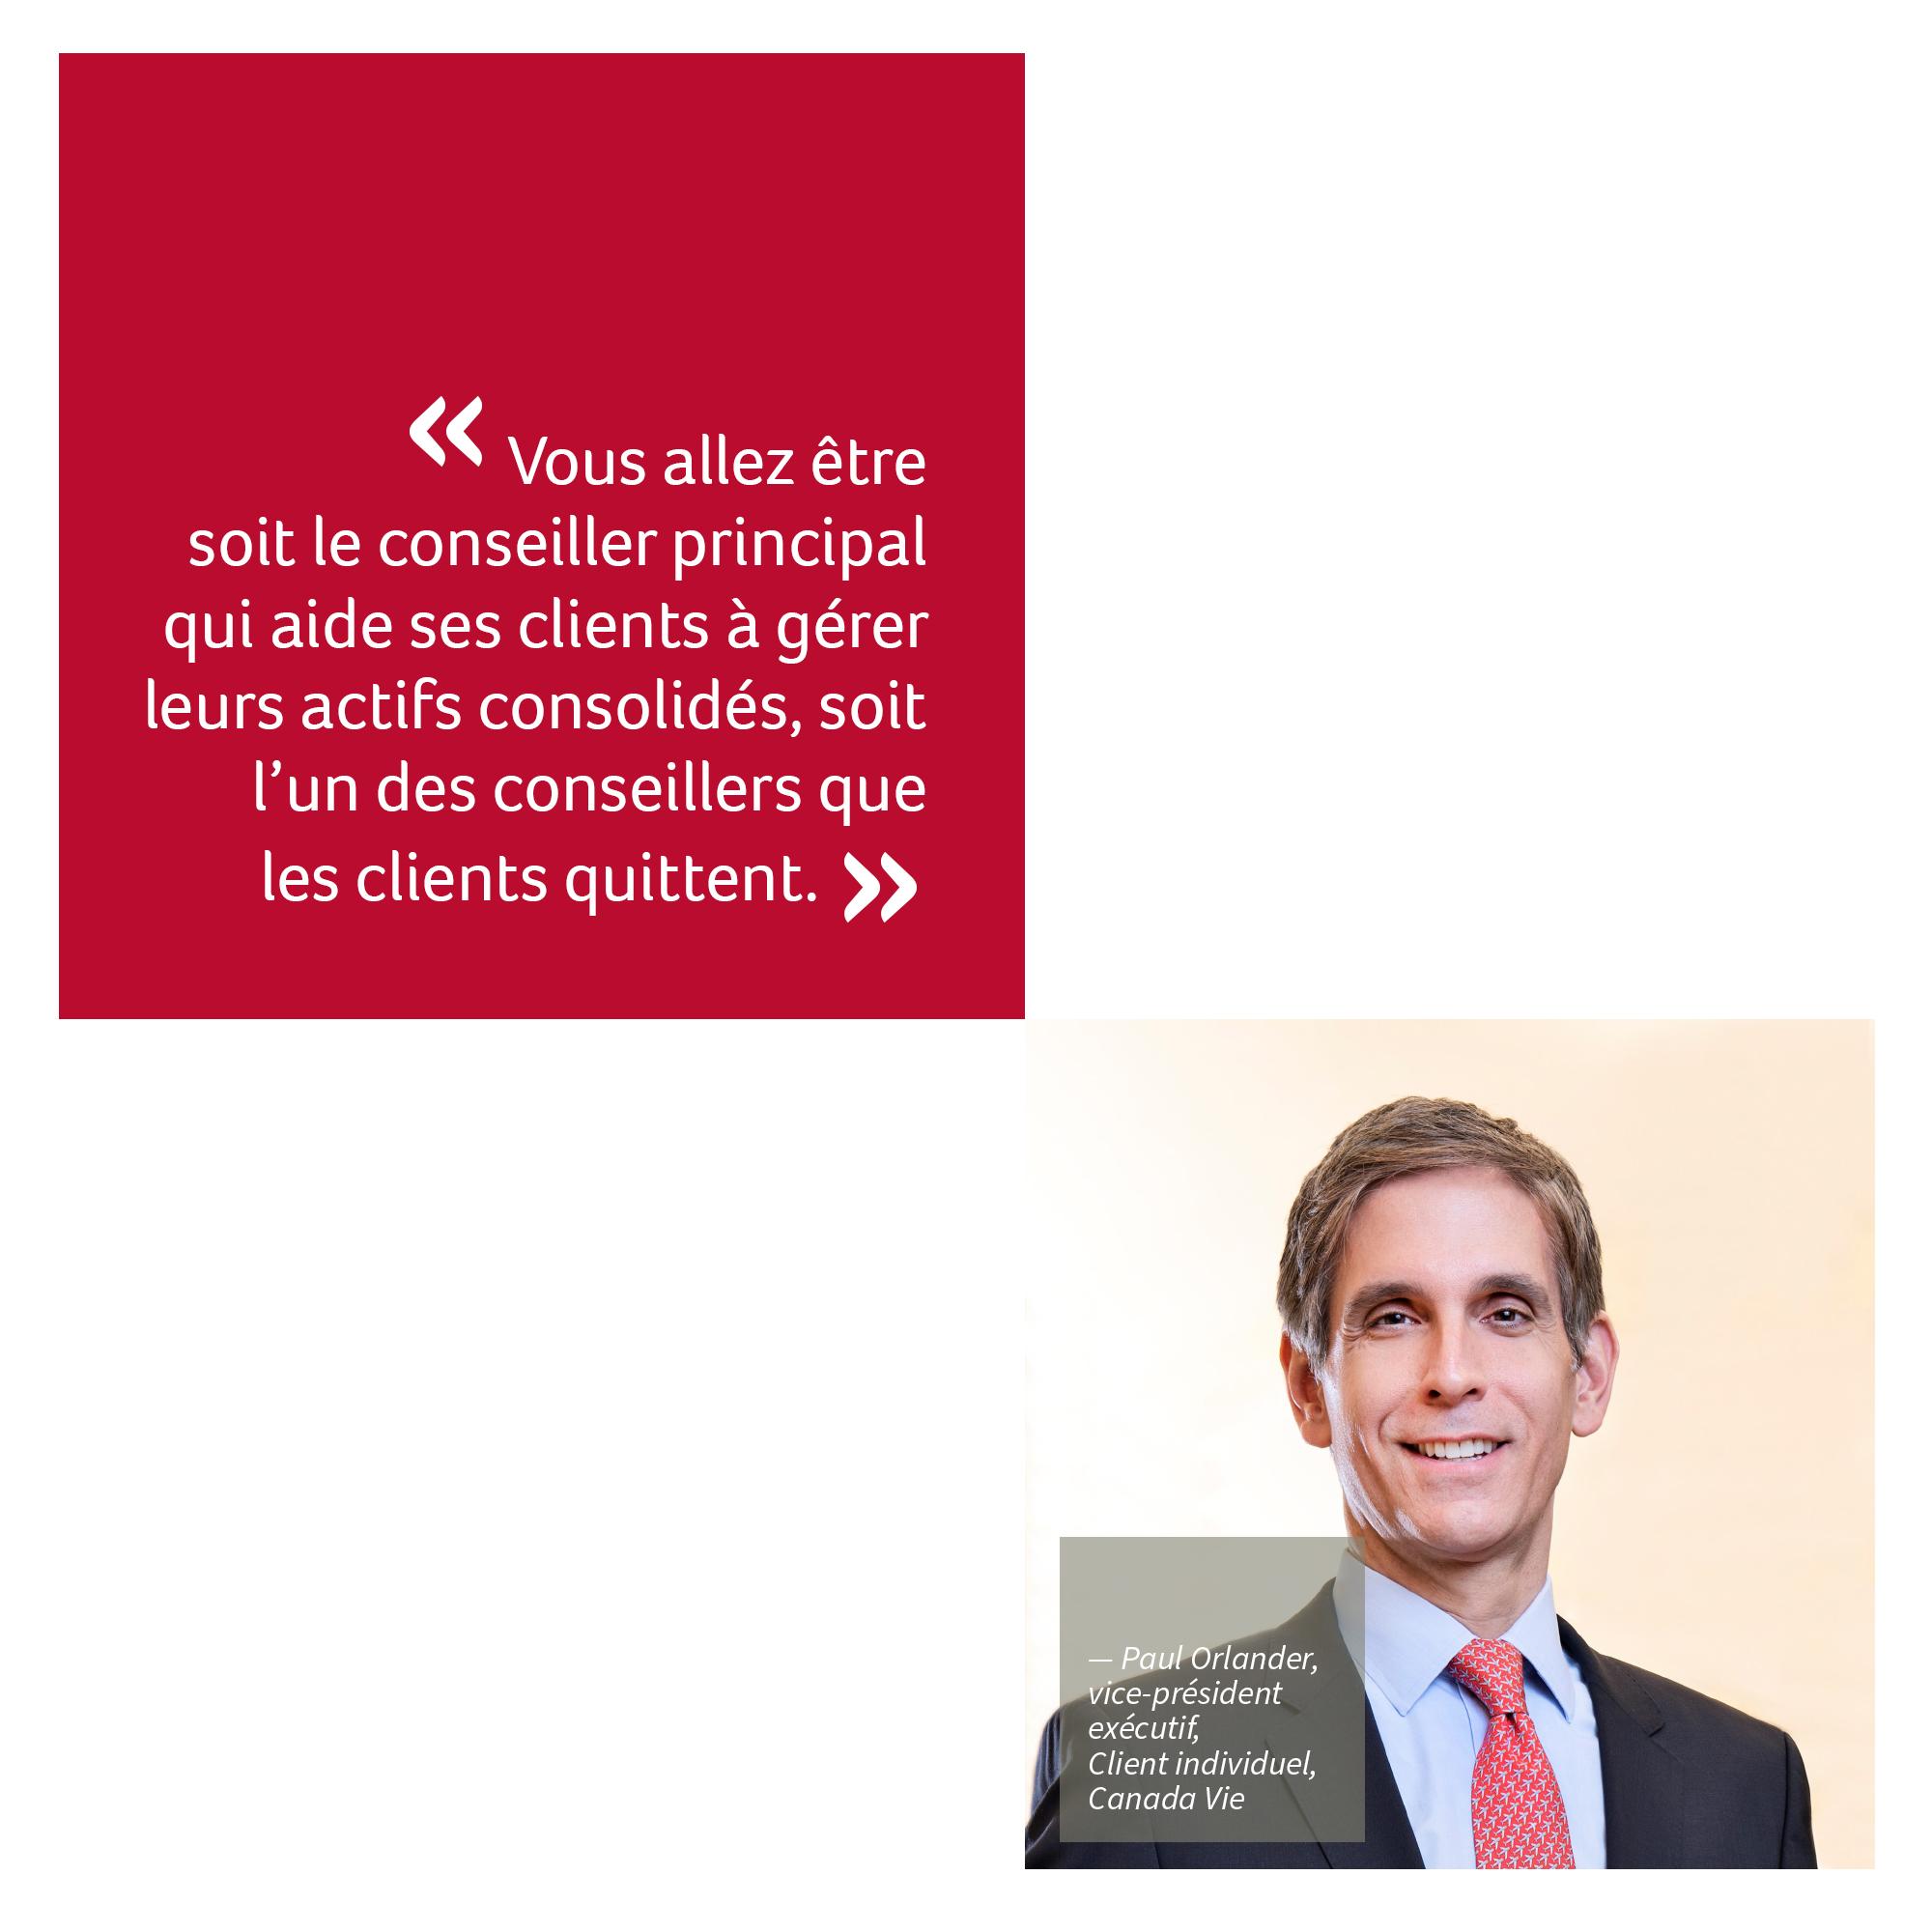 « Vous serez soit le conseiller principal qui aide ses clients à gérer leurs actifs consolidés, soit l'un des conseillers que les clients quittent. » Paul Orlander, vice-président exécutif, Client individuel, Canada Vie